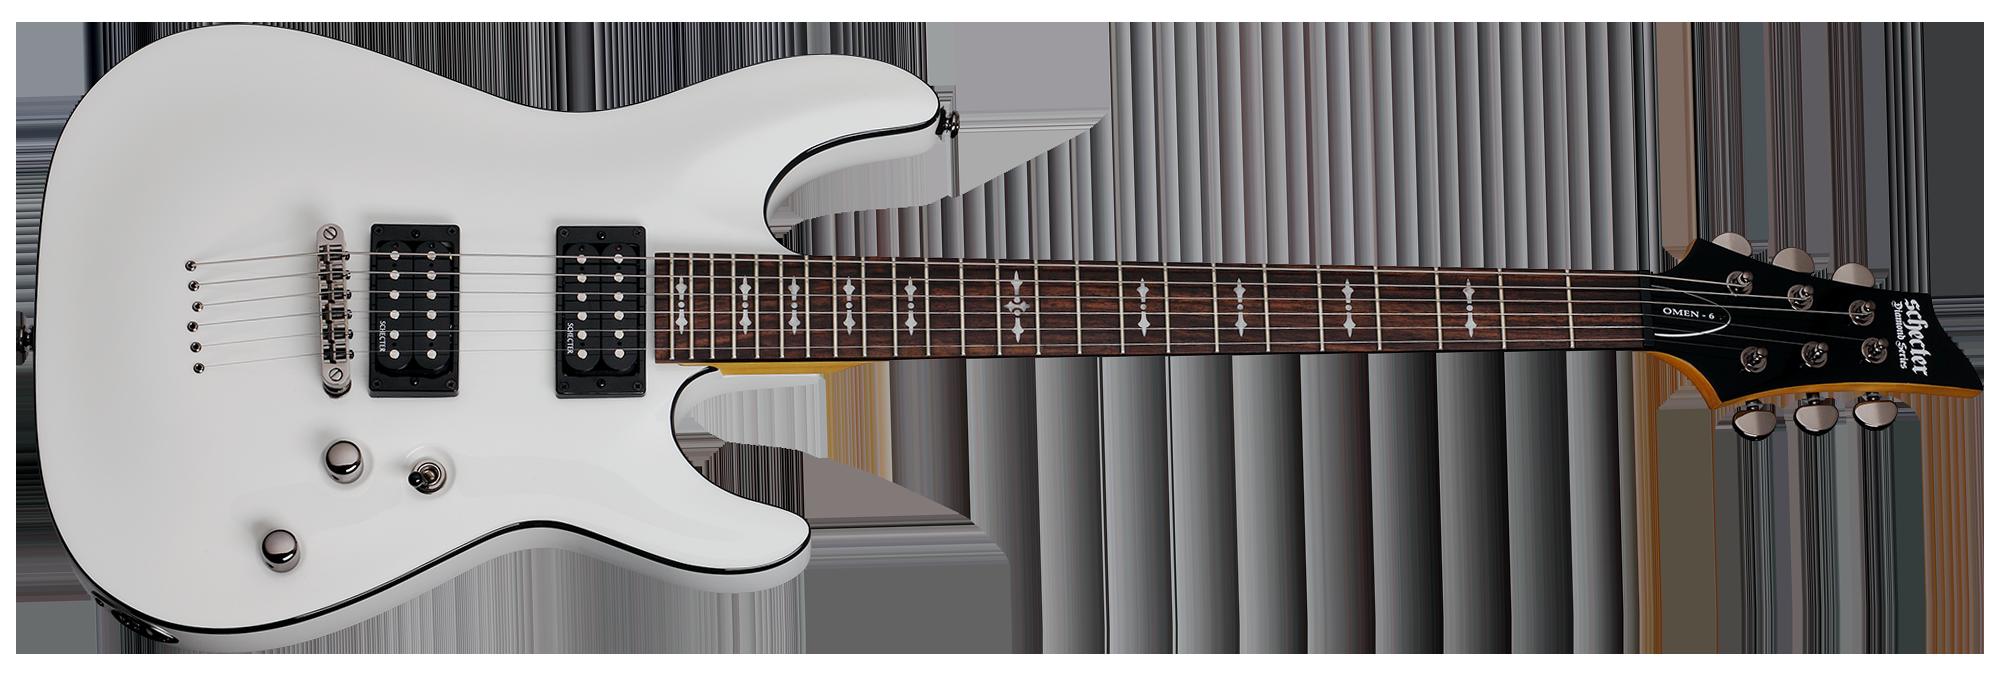 Omen-6 Vintage White (VWHT) SKU #2061